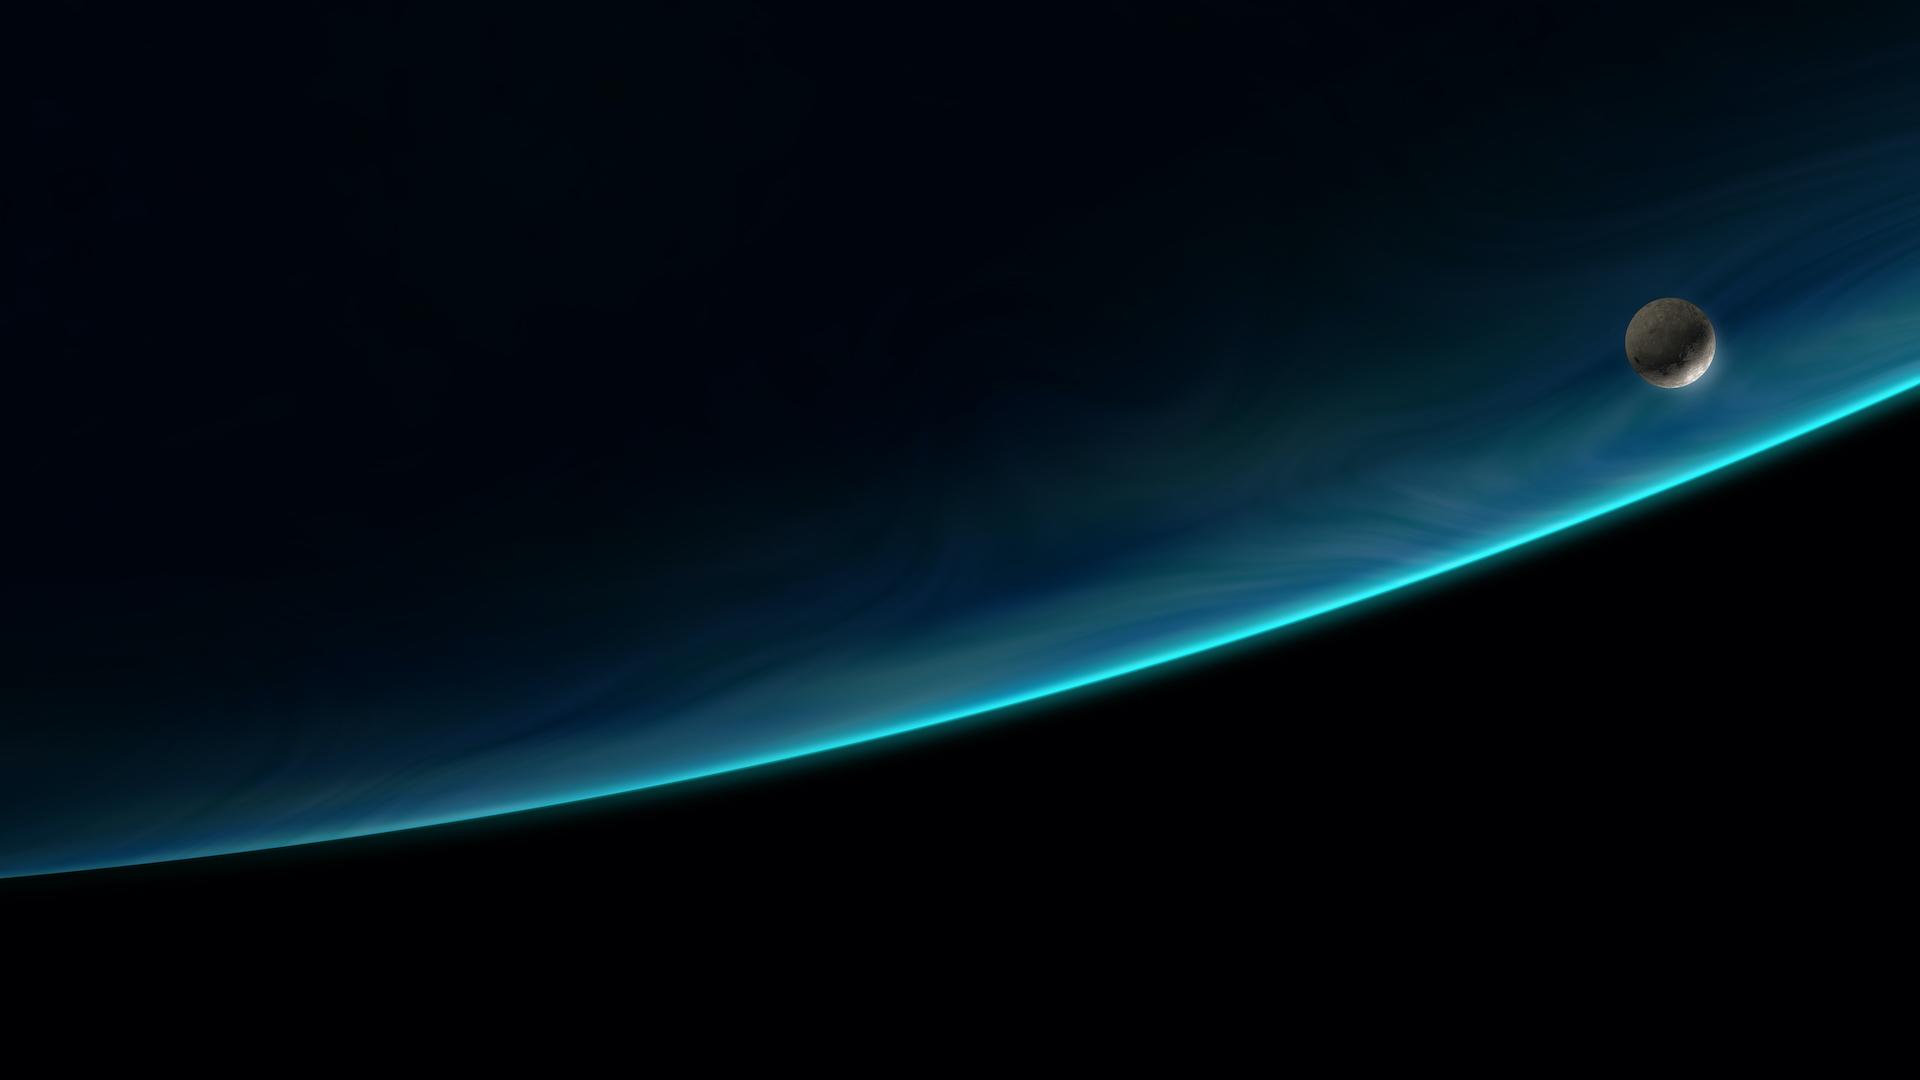 Este es el sistema solar más cercano a la Tierra que contiene dos planetas